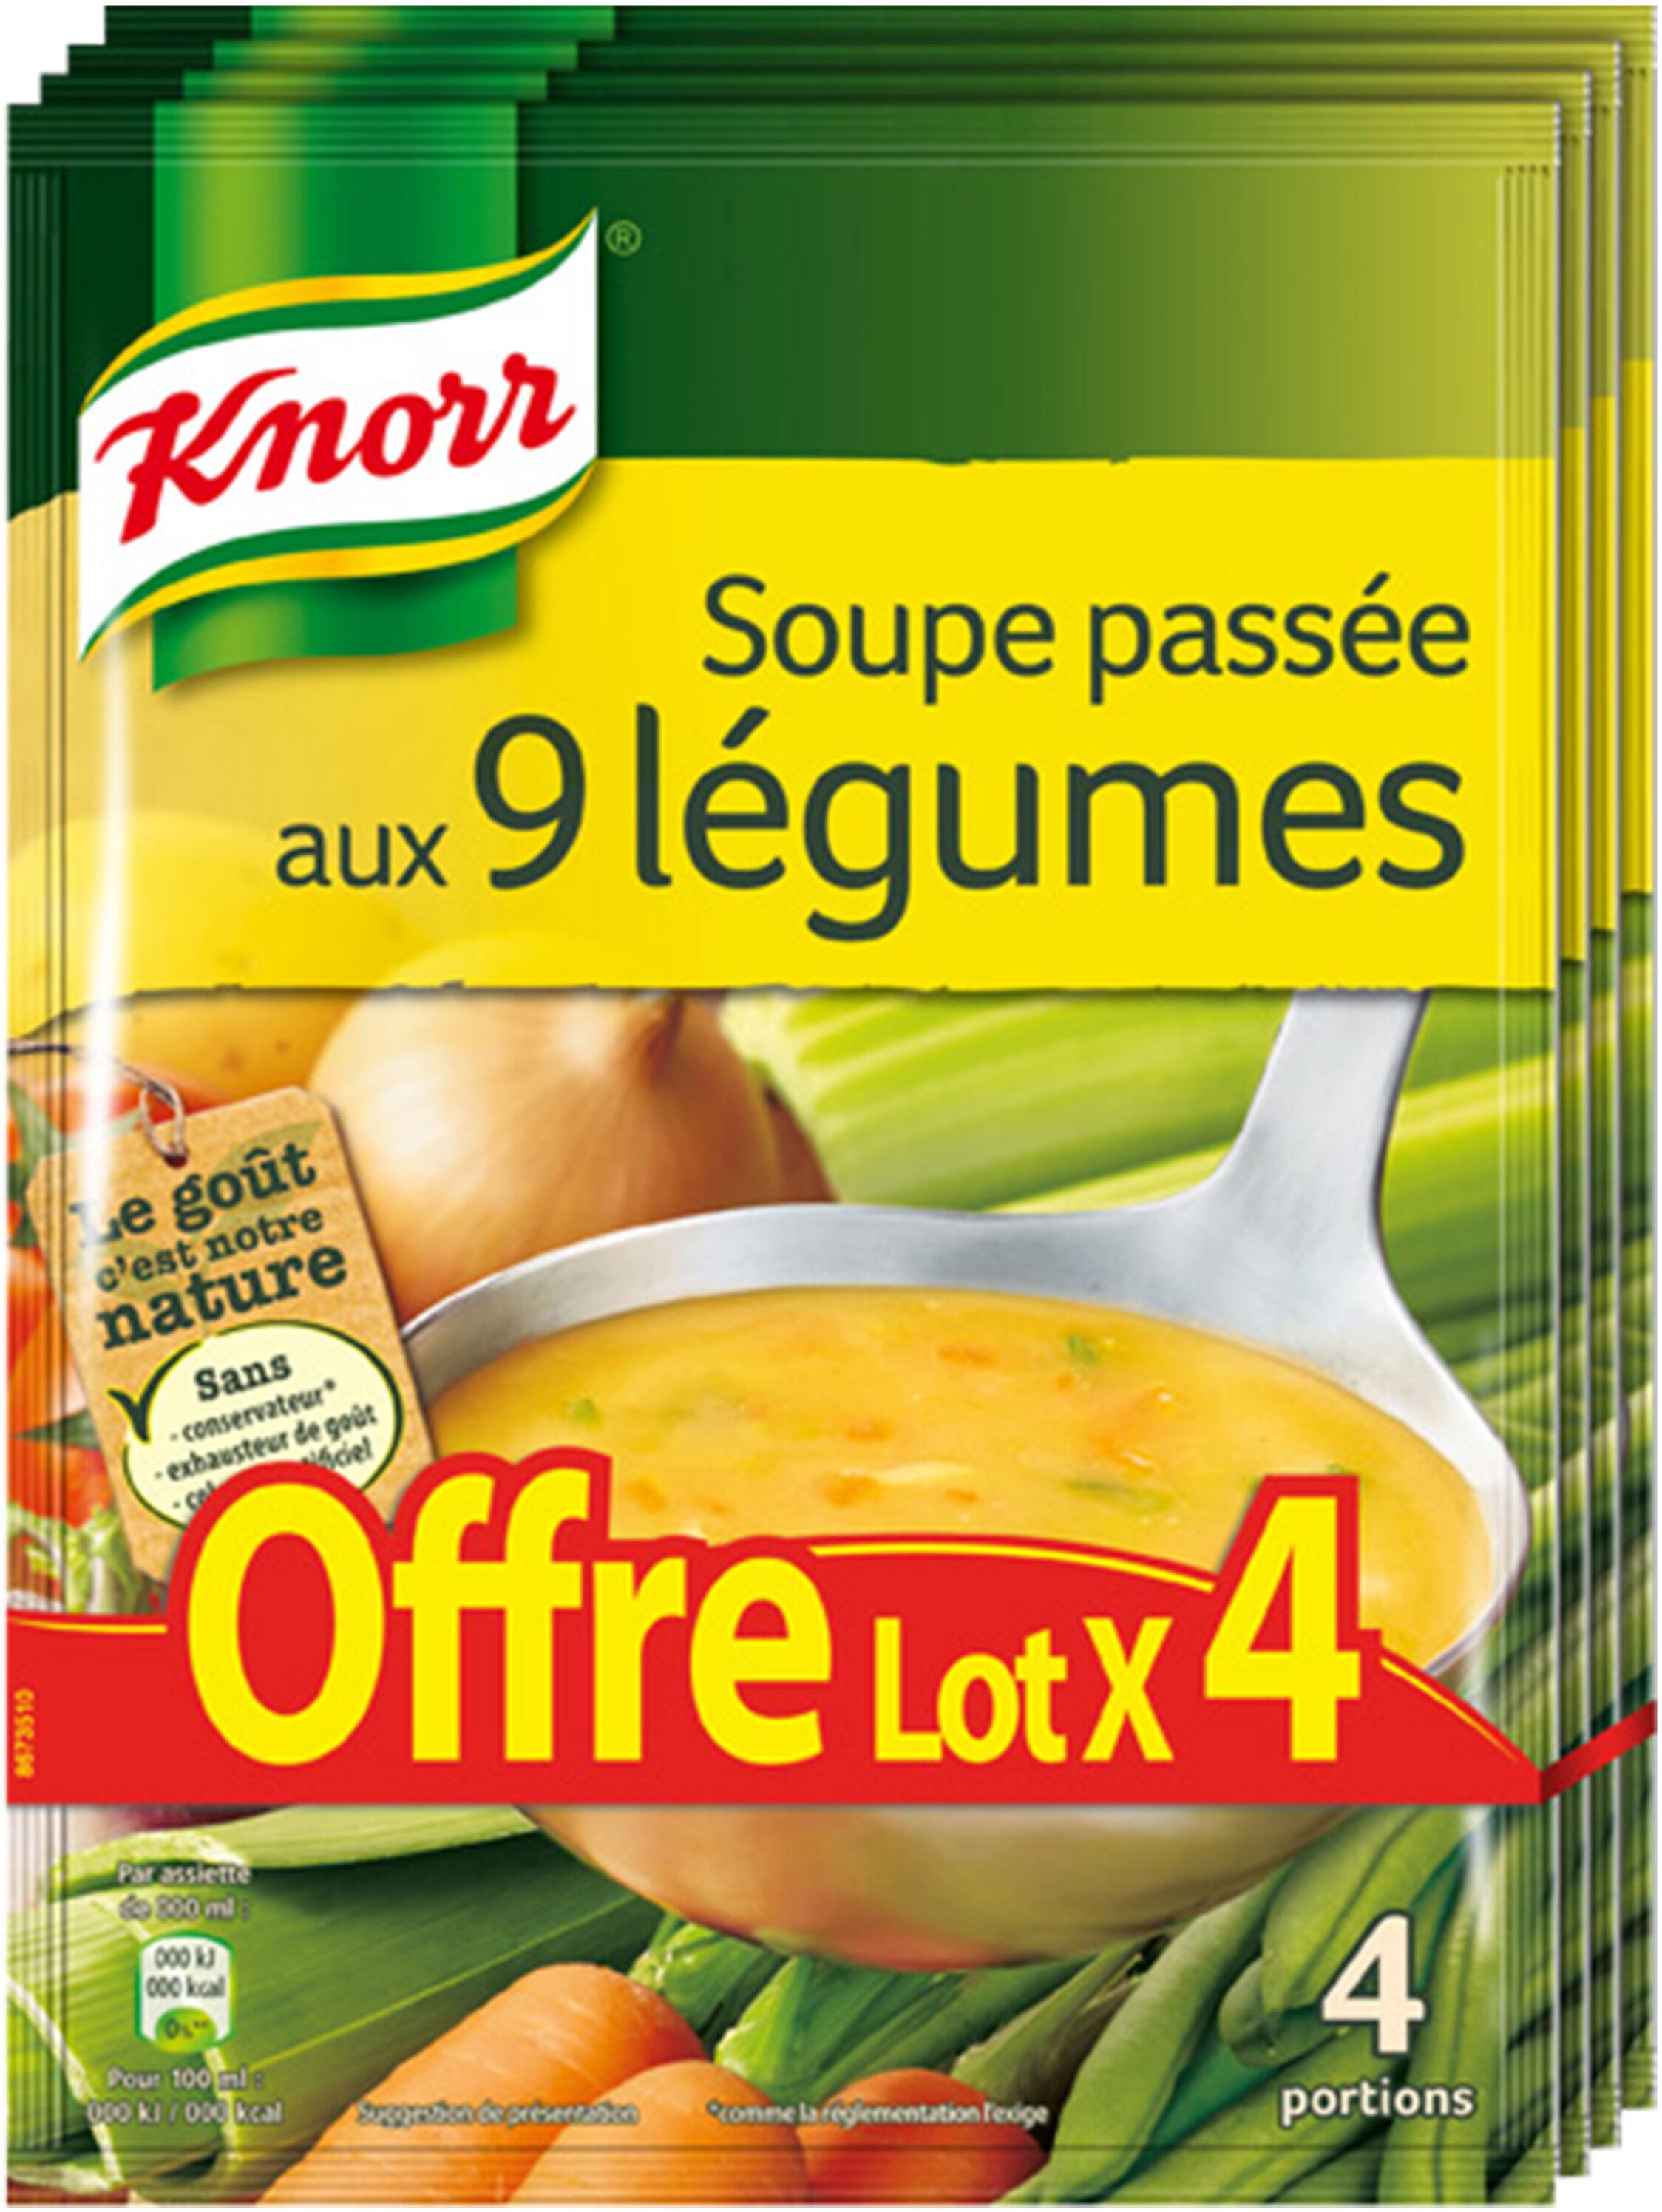 Knorr Soupe Passée aux 9 Légumes 105g 4 Portions Lot de 4 - Product - fr